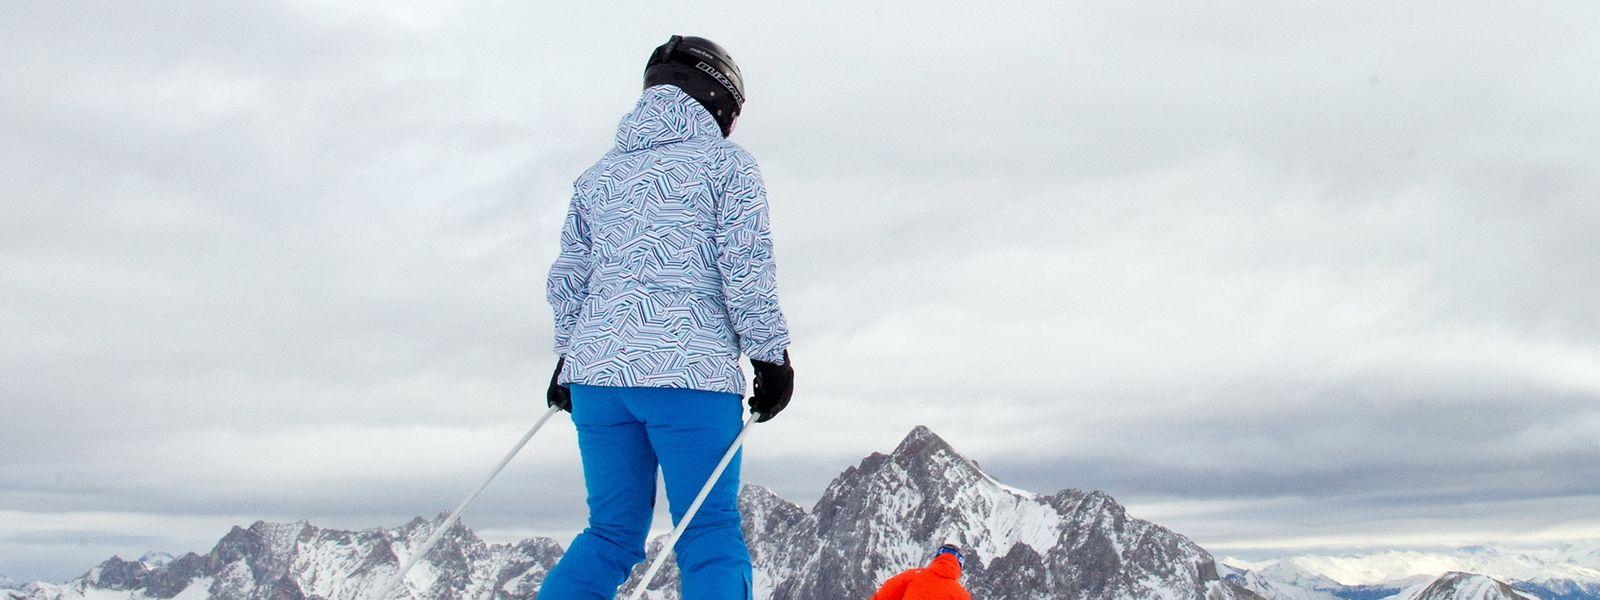 Hobbyskiläufer starten häufig eher mäßig gut vorbereitet in den Skiurlaub. Dabei ist ein trainierter Körper sehr wichtig, um heil die Pisten hinabzudüsen.